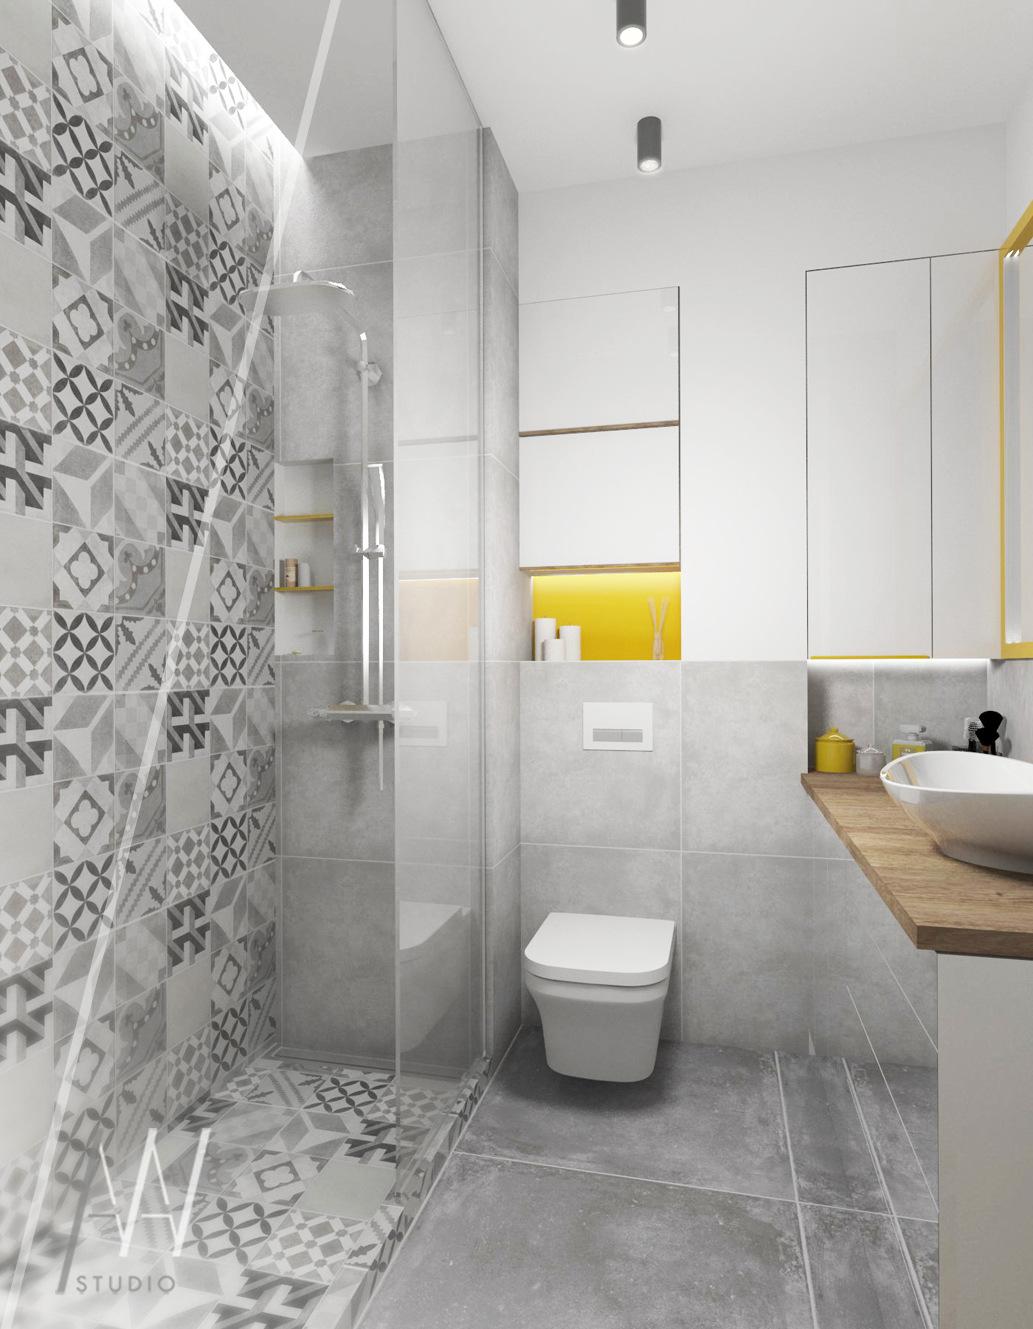 łazienka wersja 1